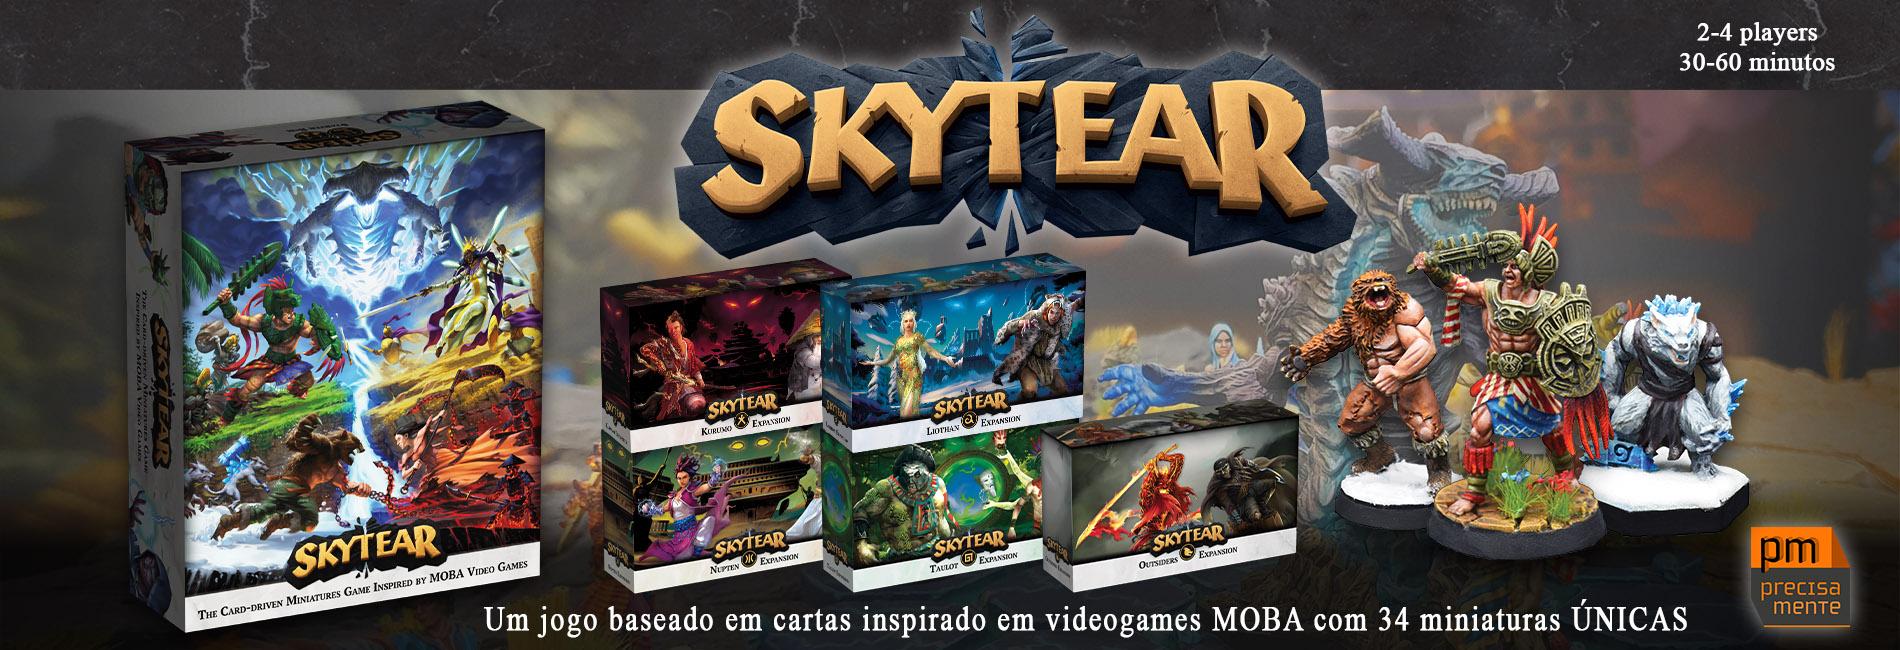 Skytear OK